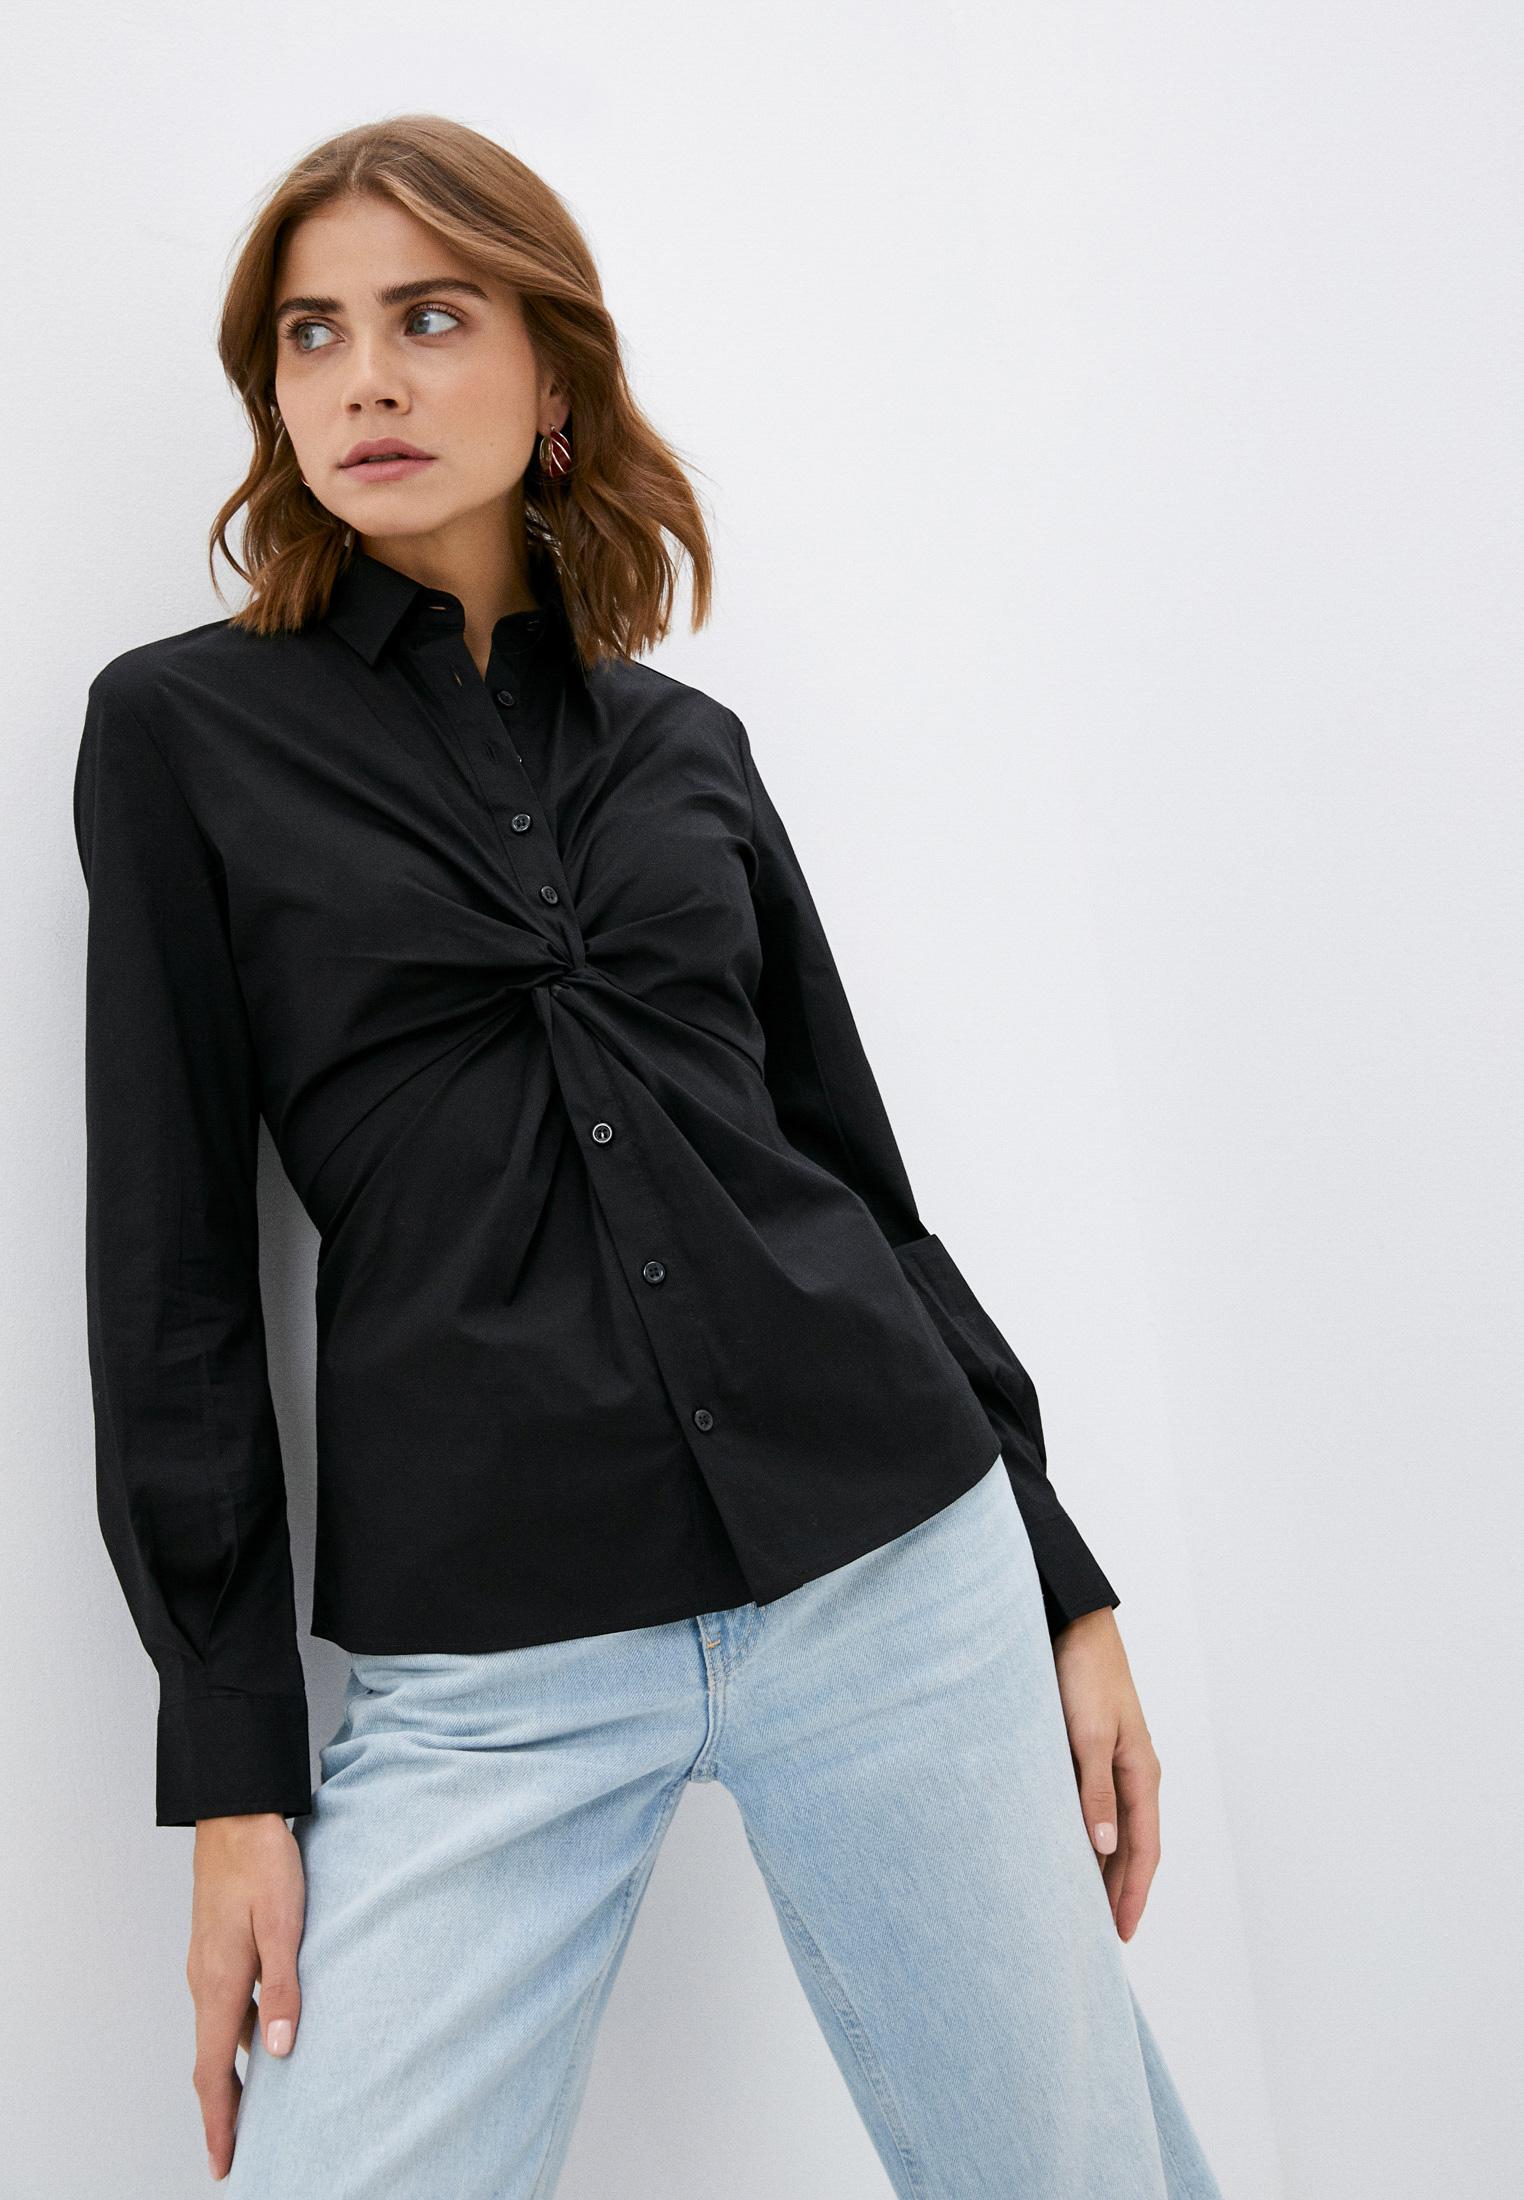 Женские рубашки с длинным рукавом Sisley (Сислей) Рубашка Sisley